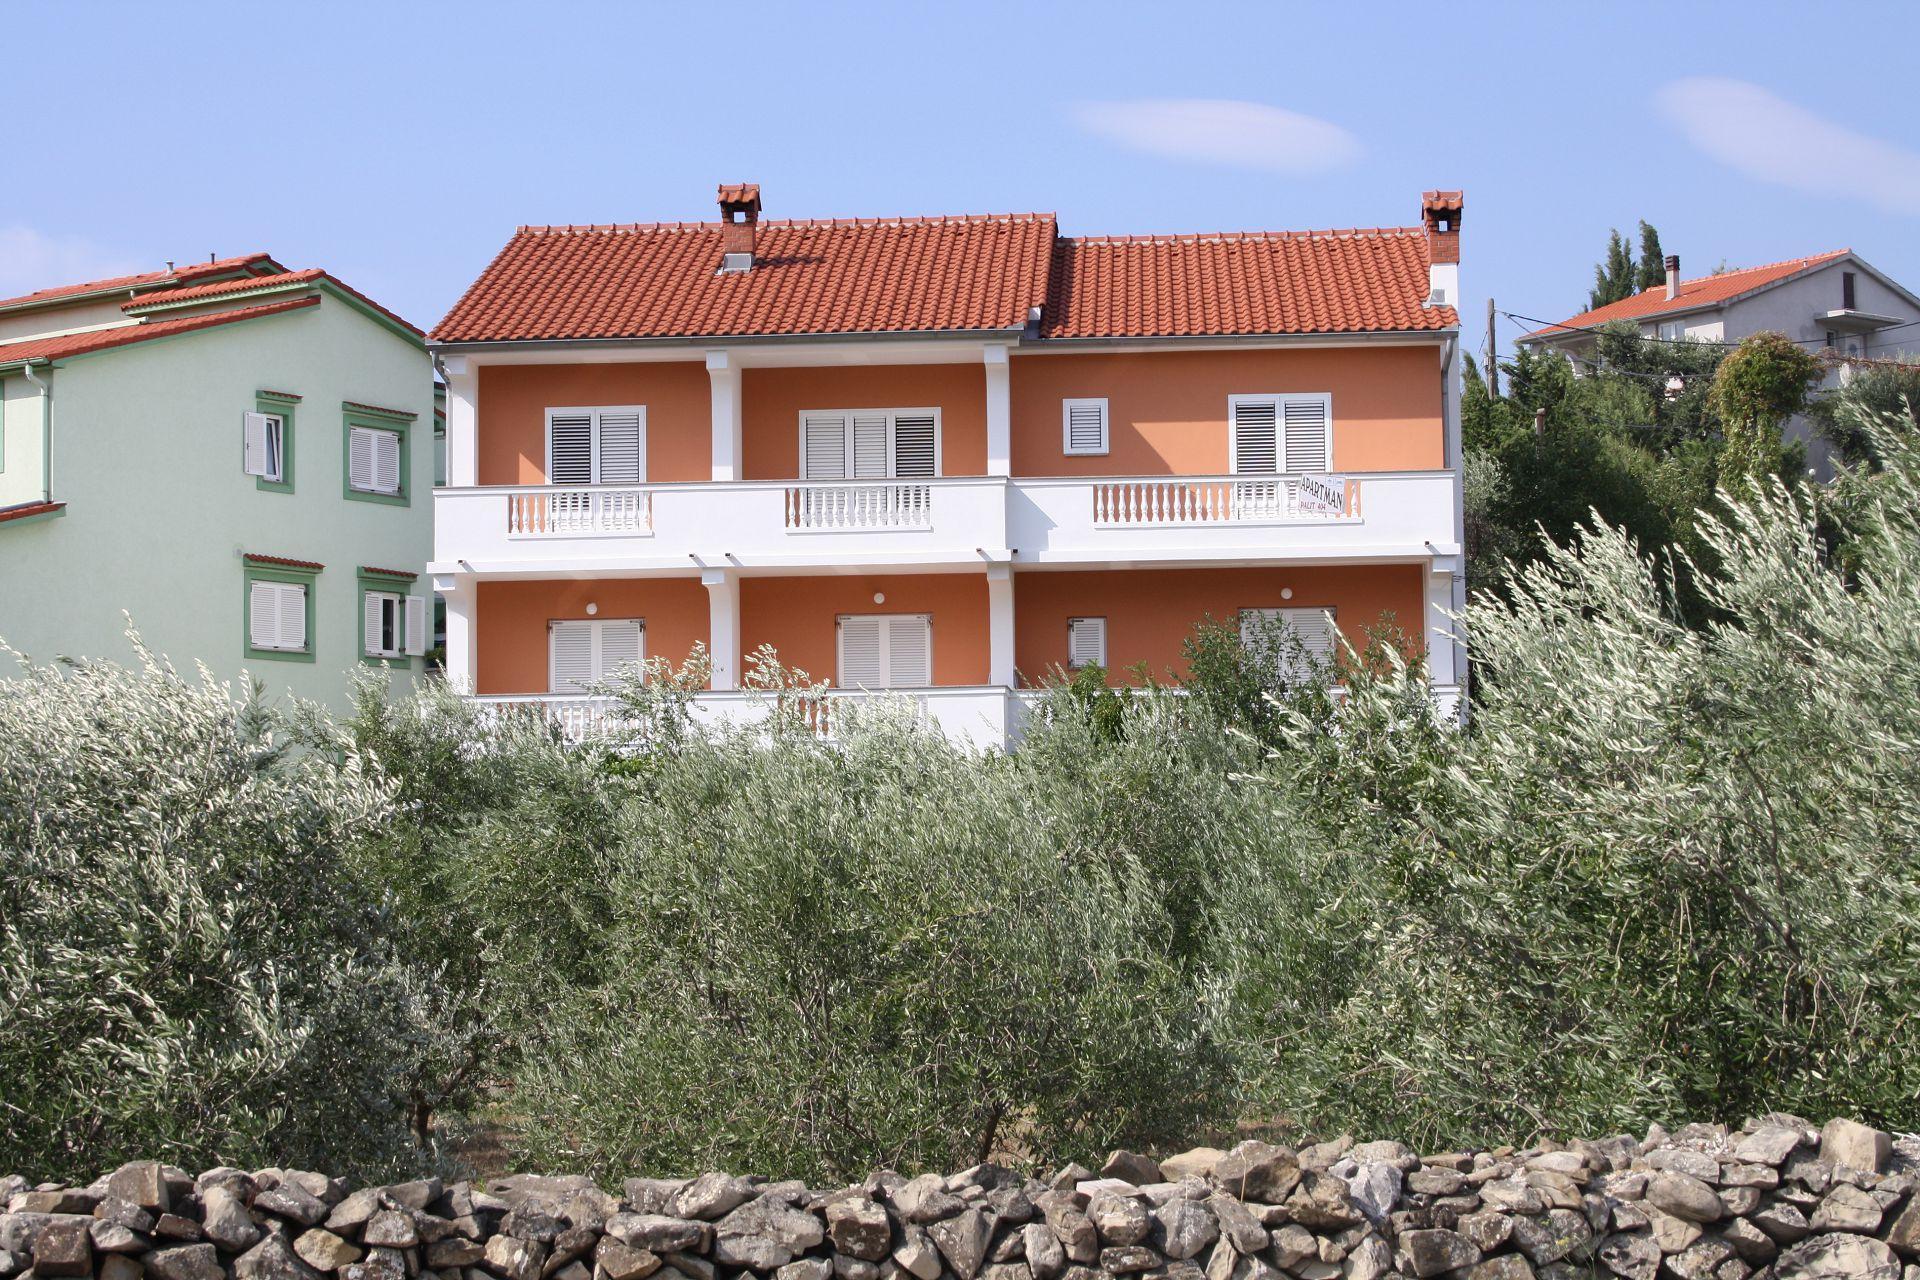 35489  - Palit - Ferienwohnungen Kroatien